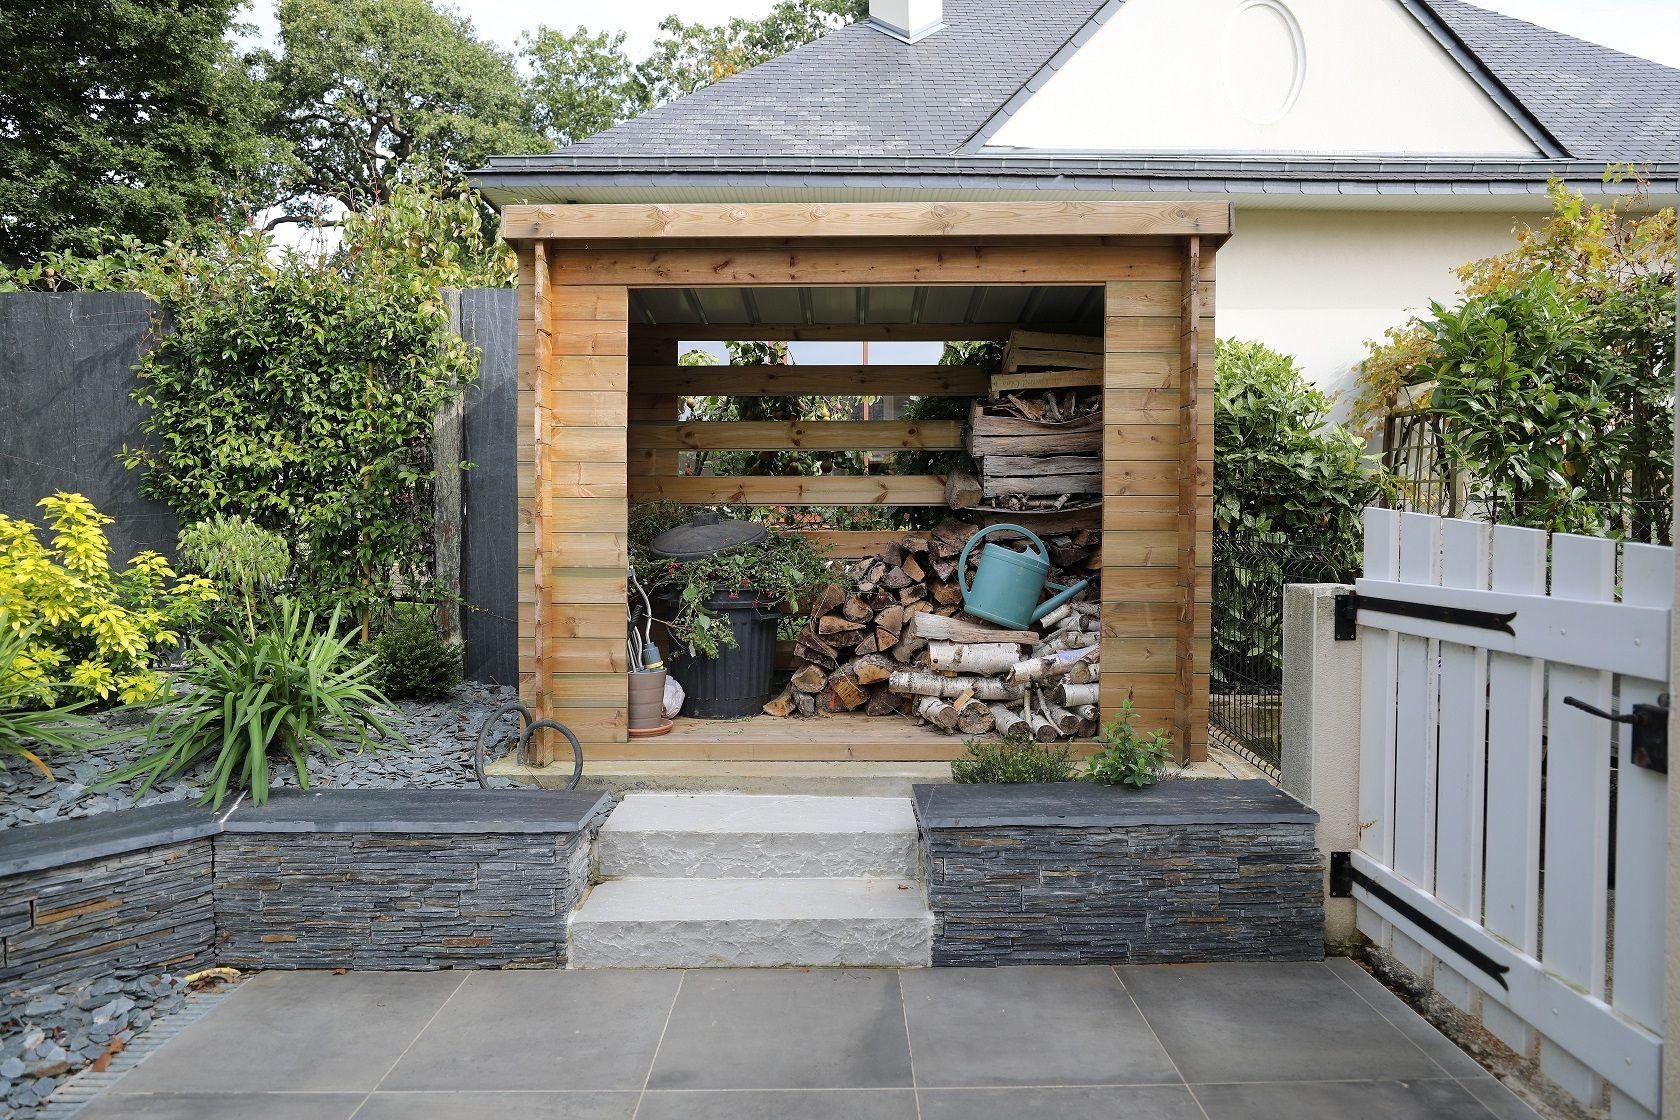 Abri De Jardin / Bucher En Bois Muret De Soutènement En ... dedans Abri De Jardin Avec Bucher